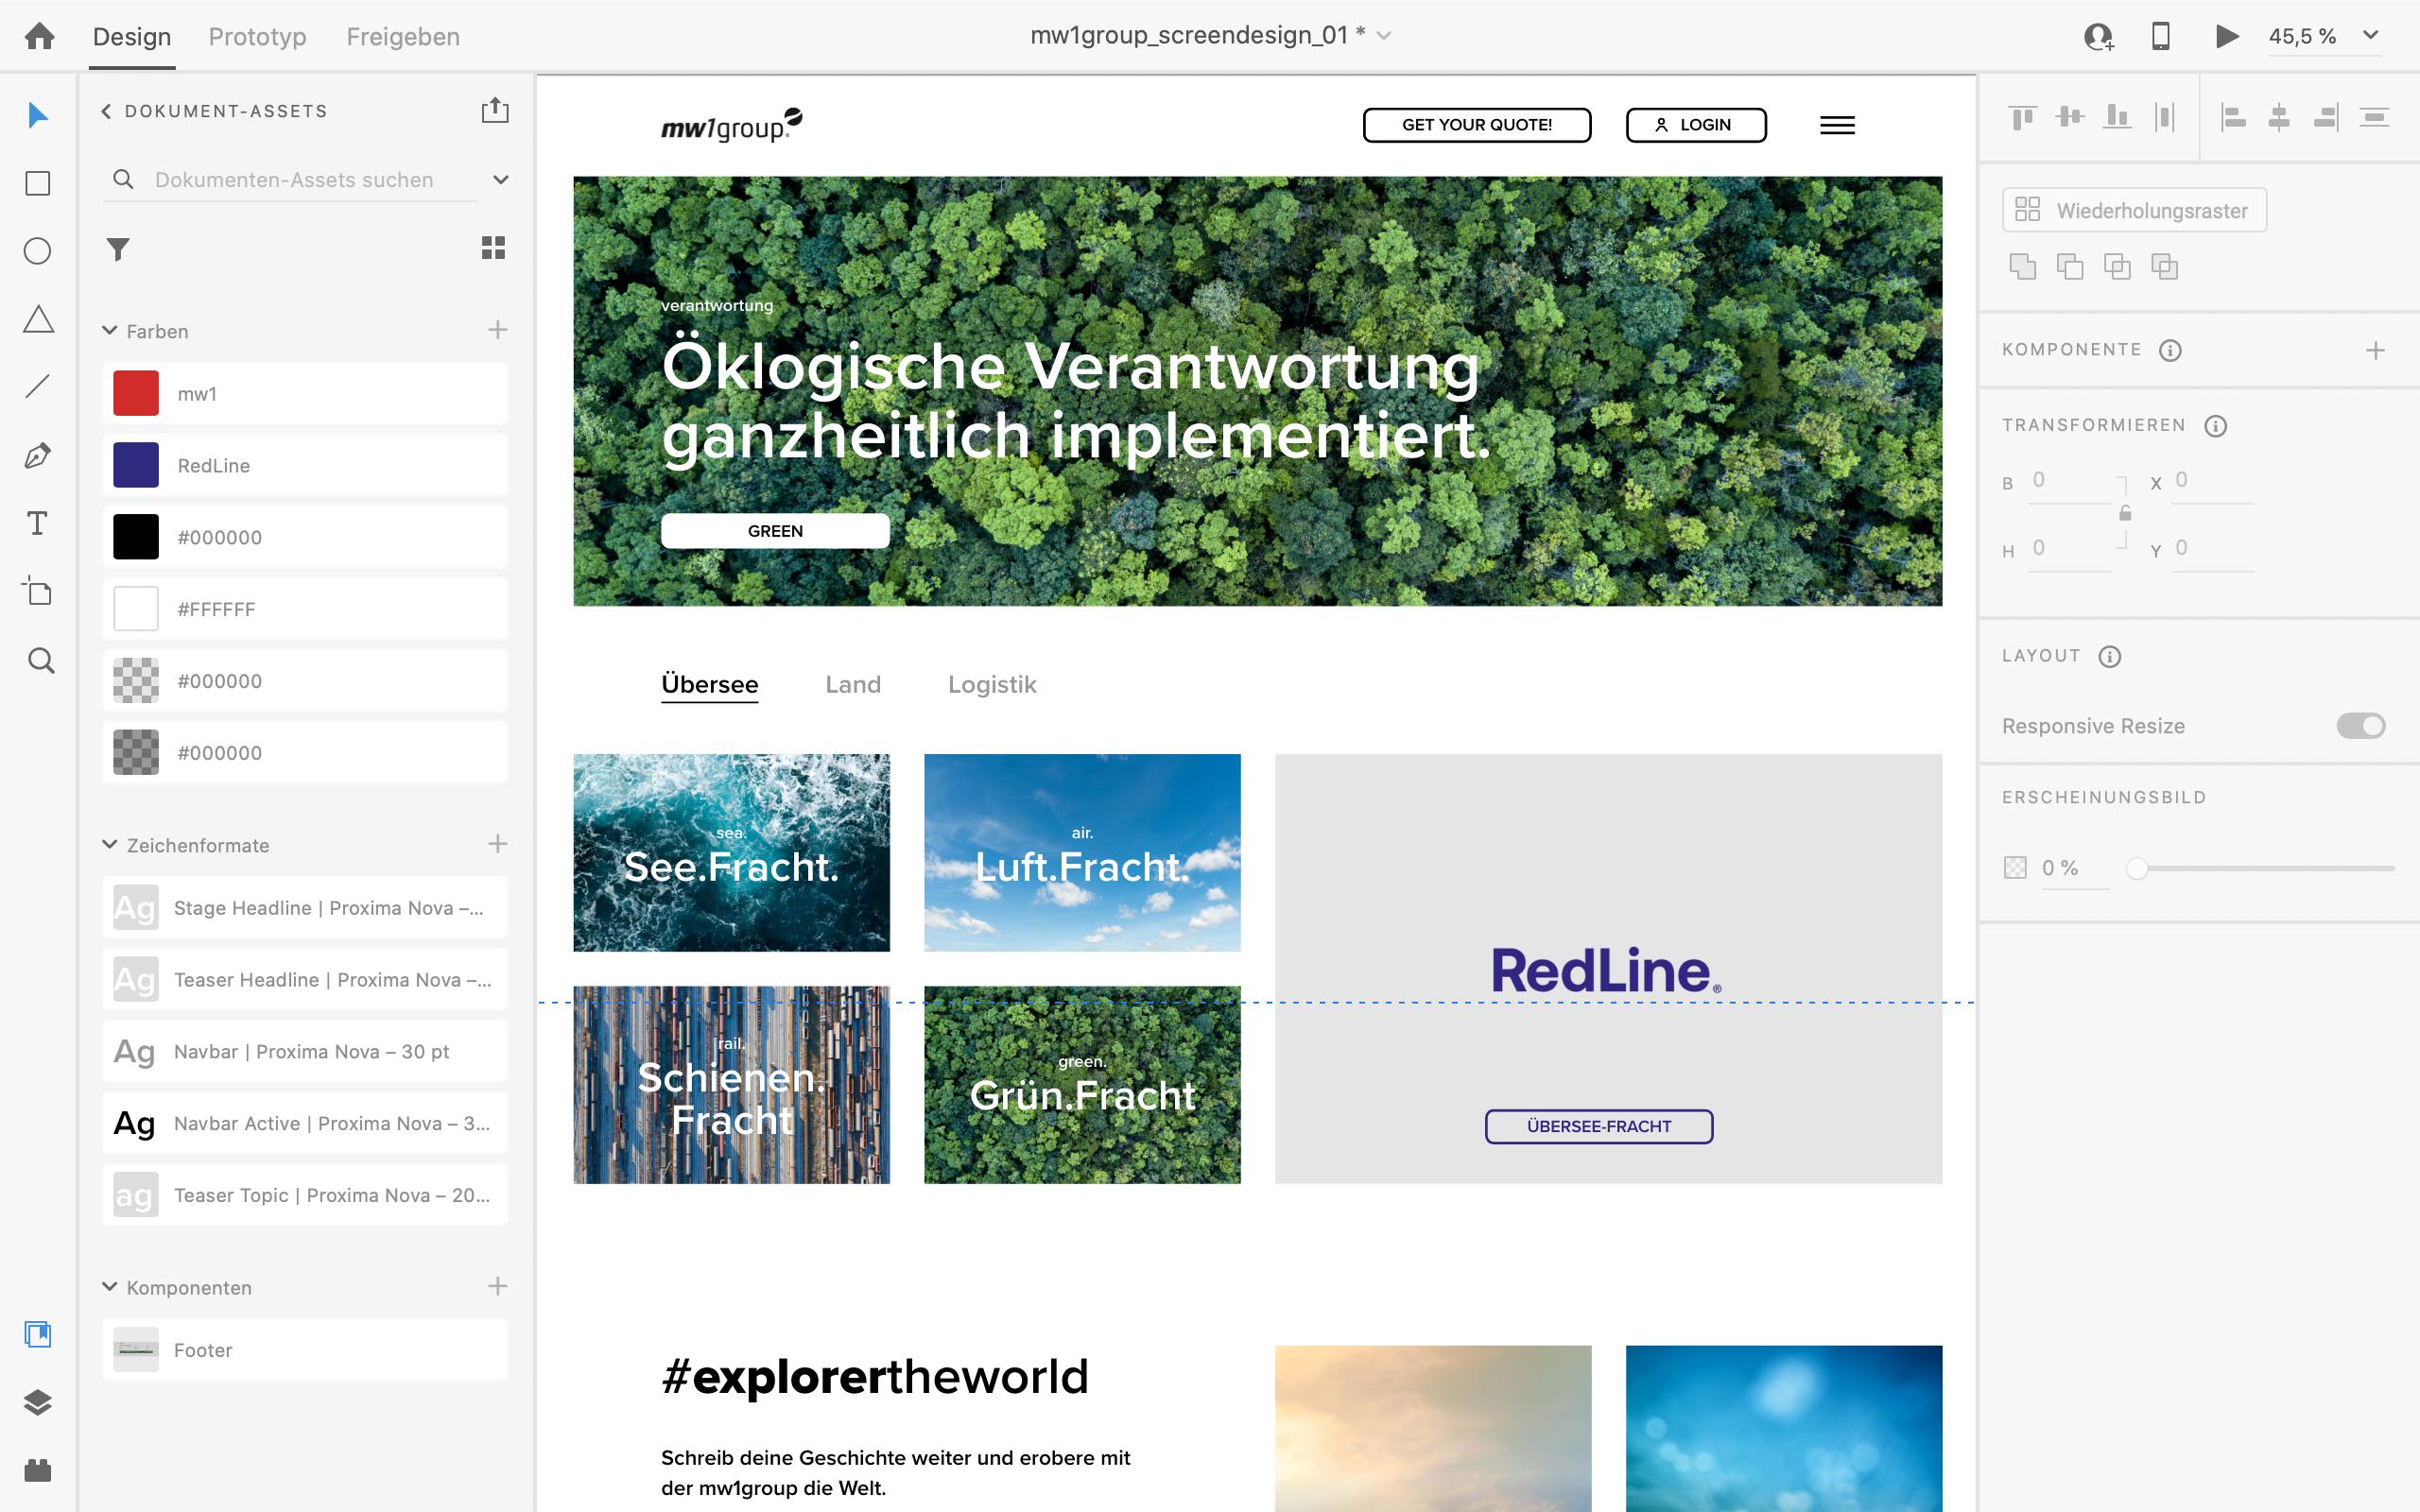 Adobe XD für moderndes und klares Webdesign